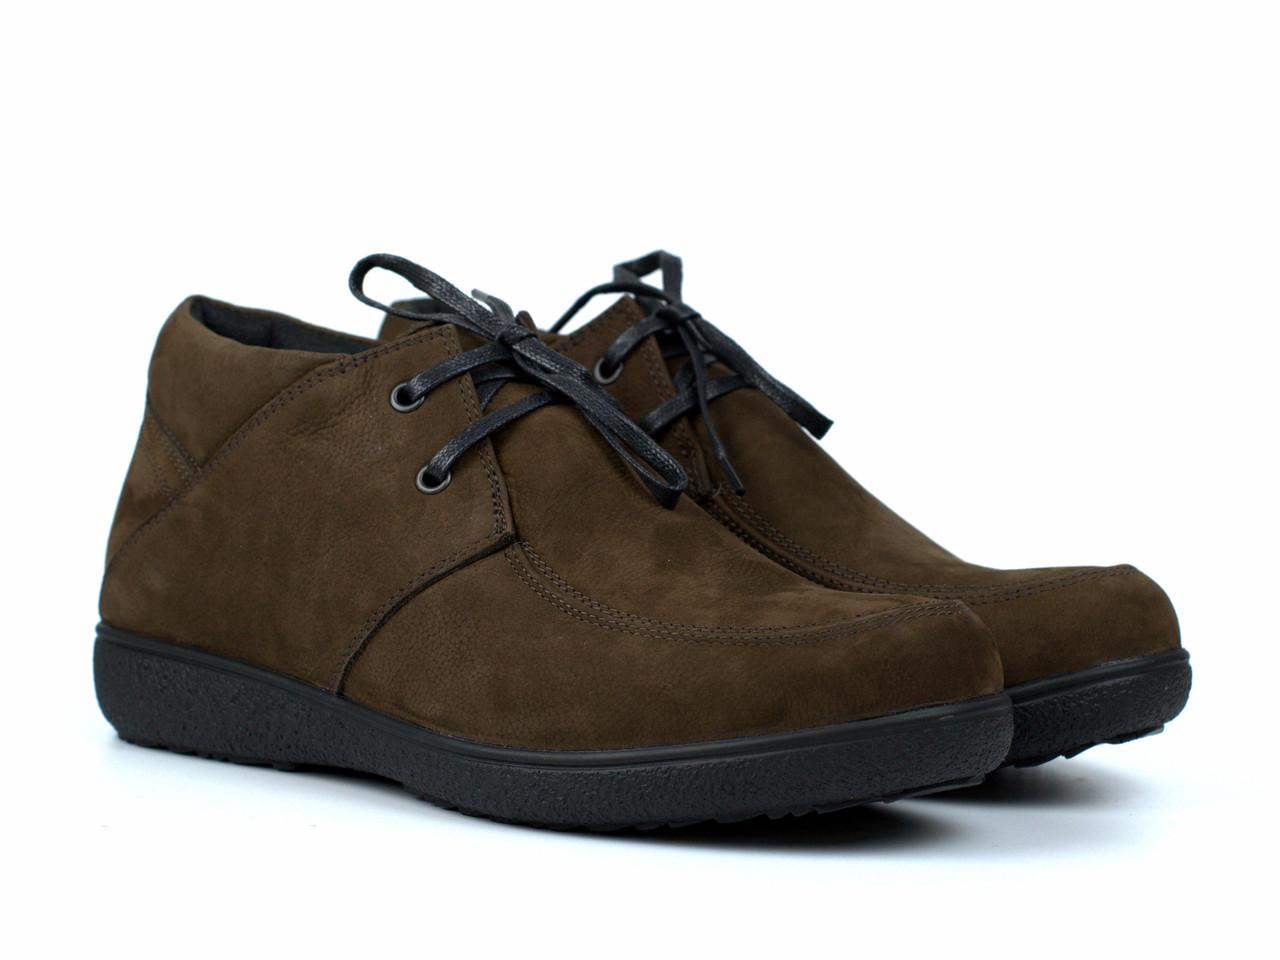 Ботинки коричневые нубук обувь мужская зимняя Rosso Avangard Basemokas Brown Nub